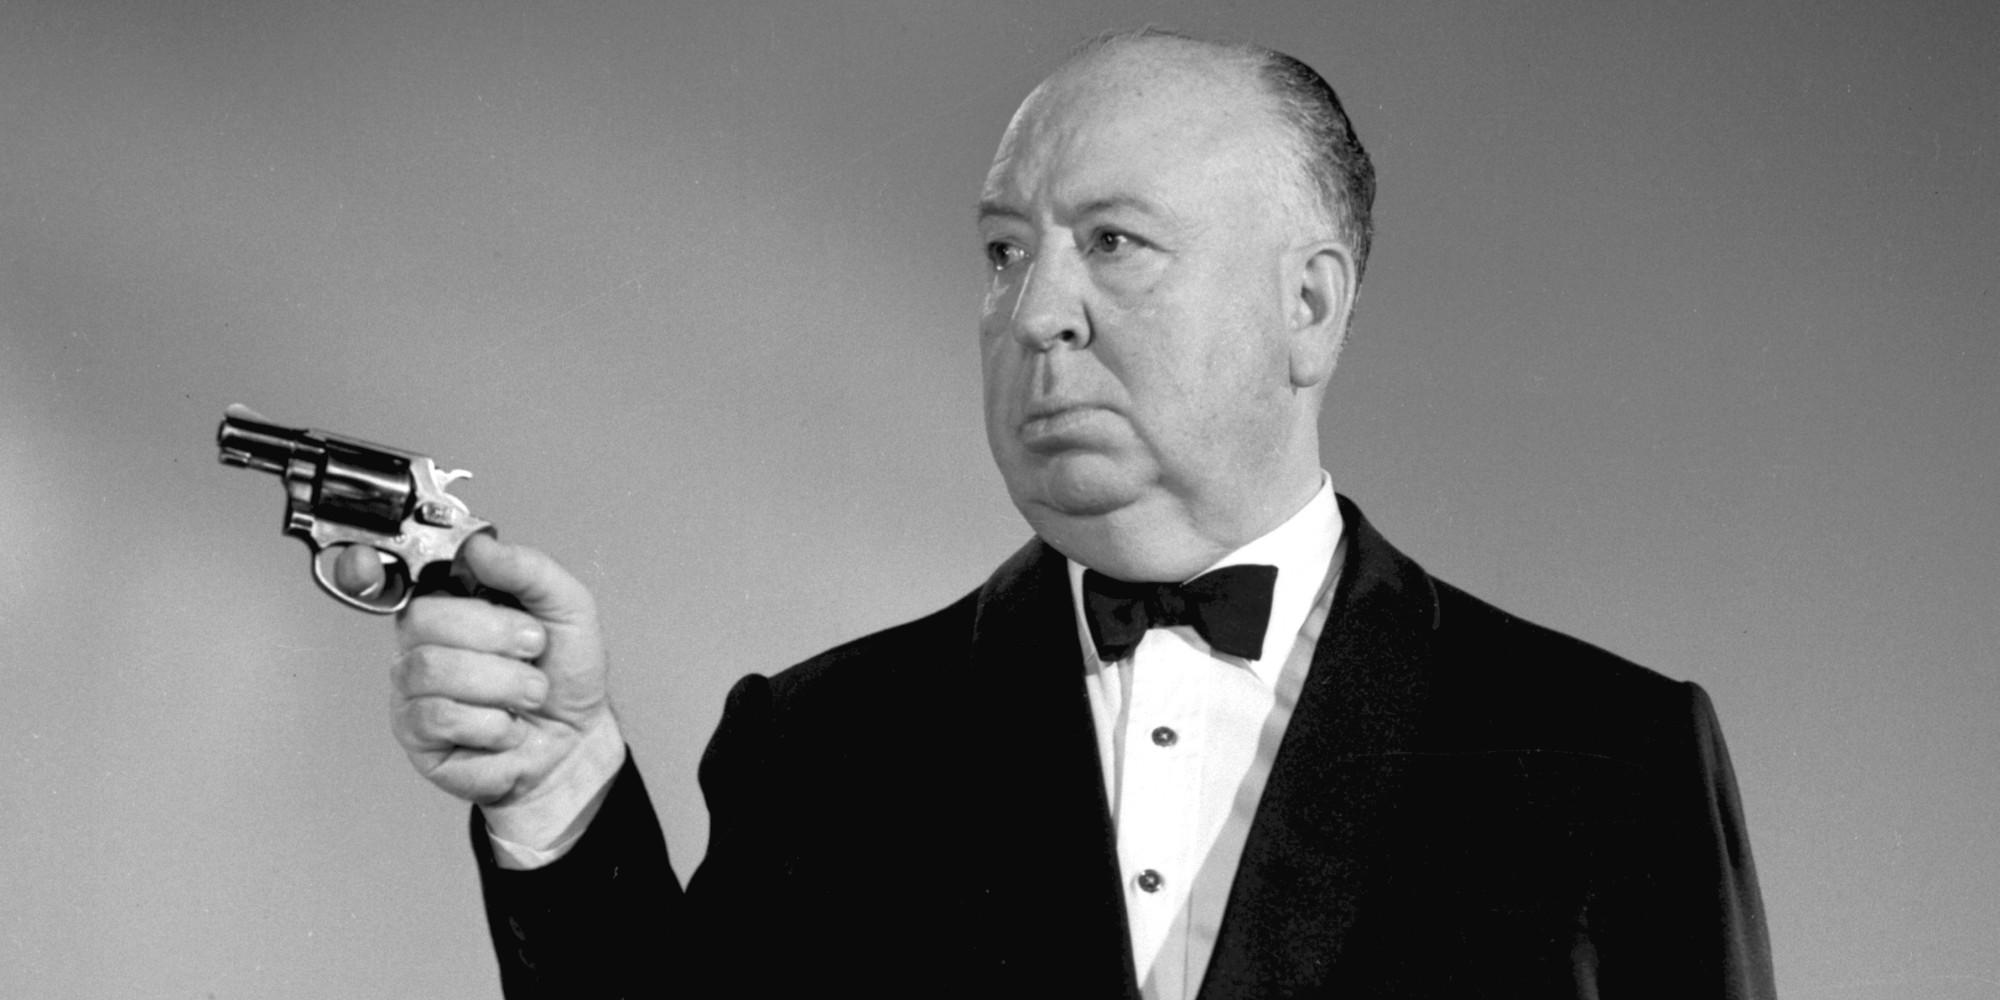 Vemos uma foto em preto e branco do Diretor Alfred Hitchcock, falecido em 1980. Ele é um homem branco, calvo e robusto que usa um smoking preto e aponta uma pistola para a nossa esquerda